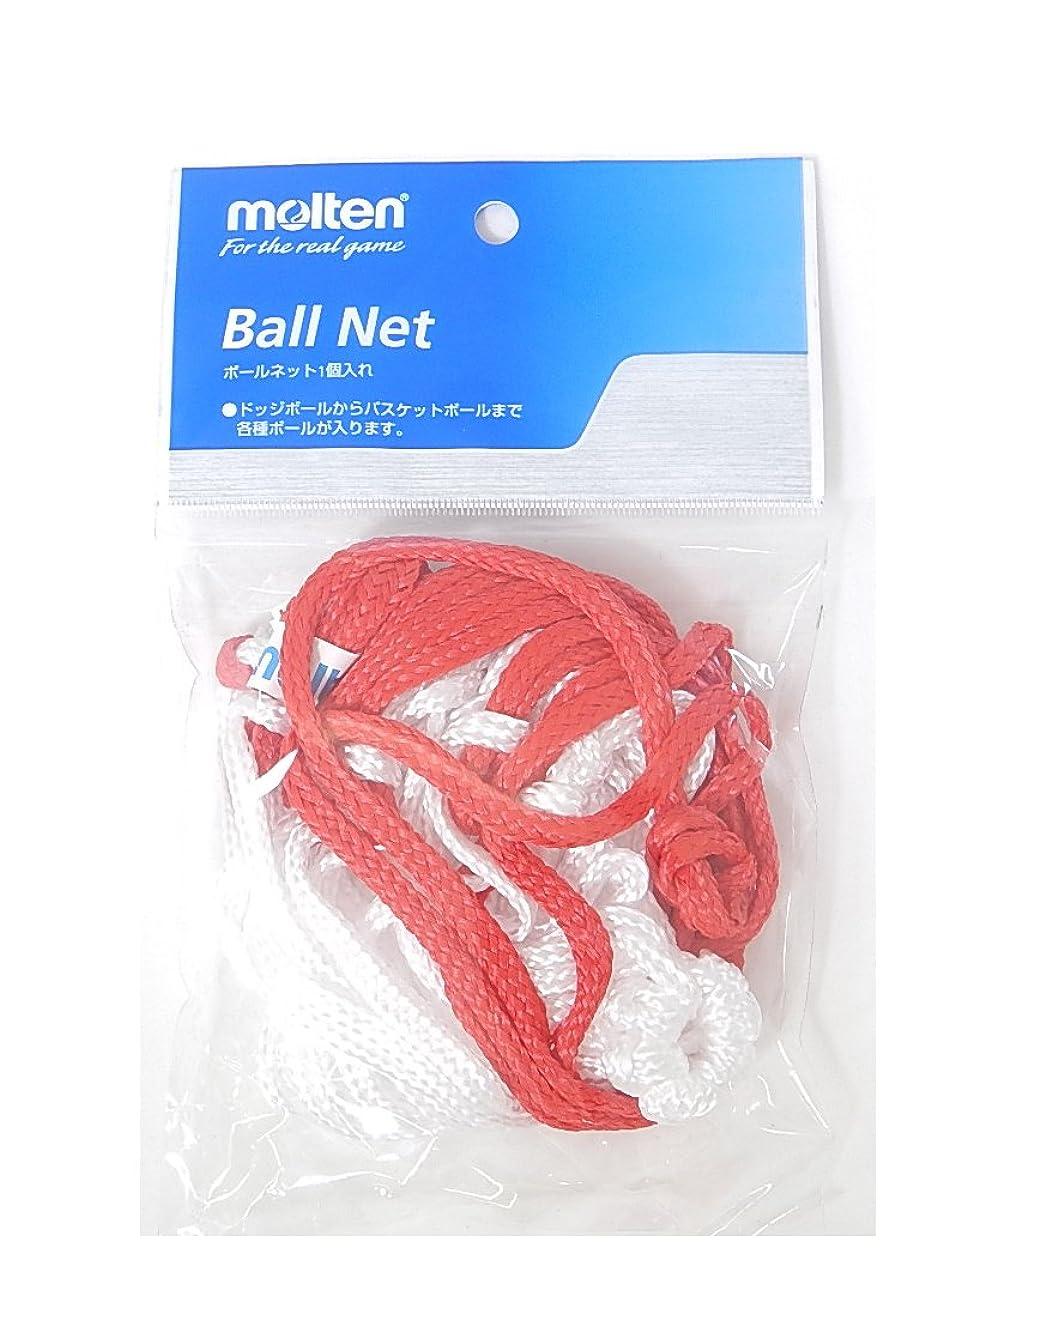 悲惨なカリング褐色フットボール X メノール フットサルボール [サイズ:PRO] [カラー:ブライトクリムゾン×ピュアプラチナ] #SC3039-673